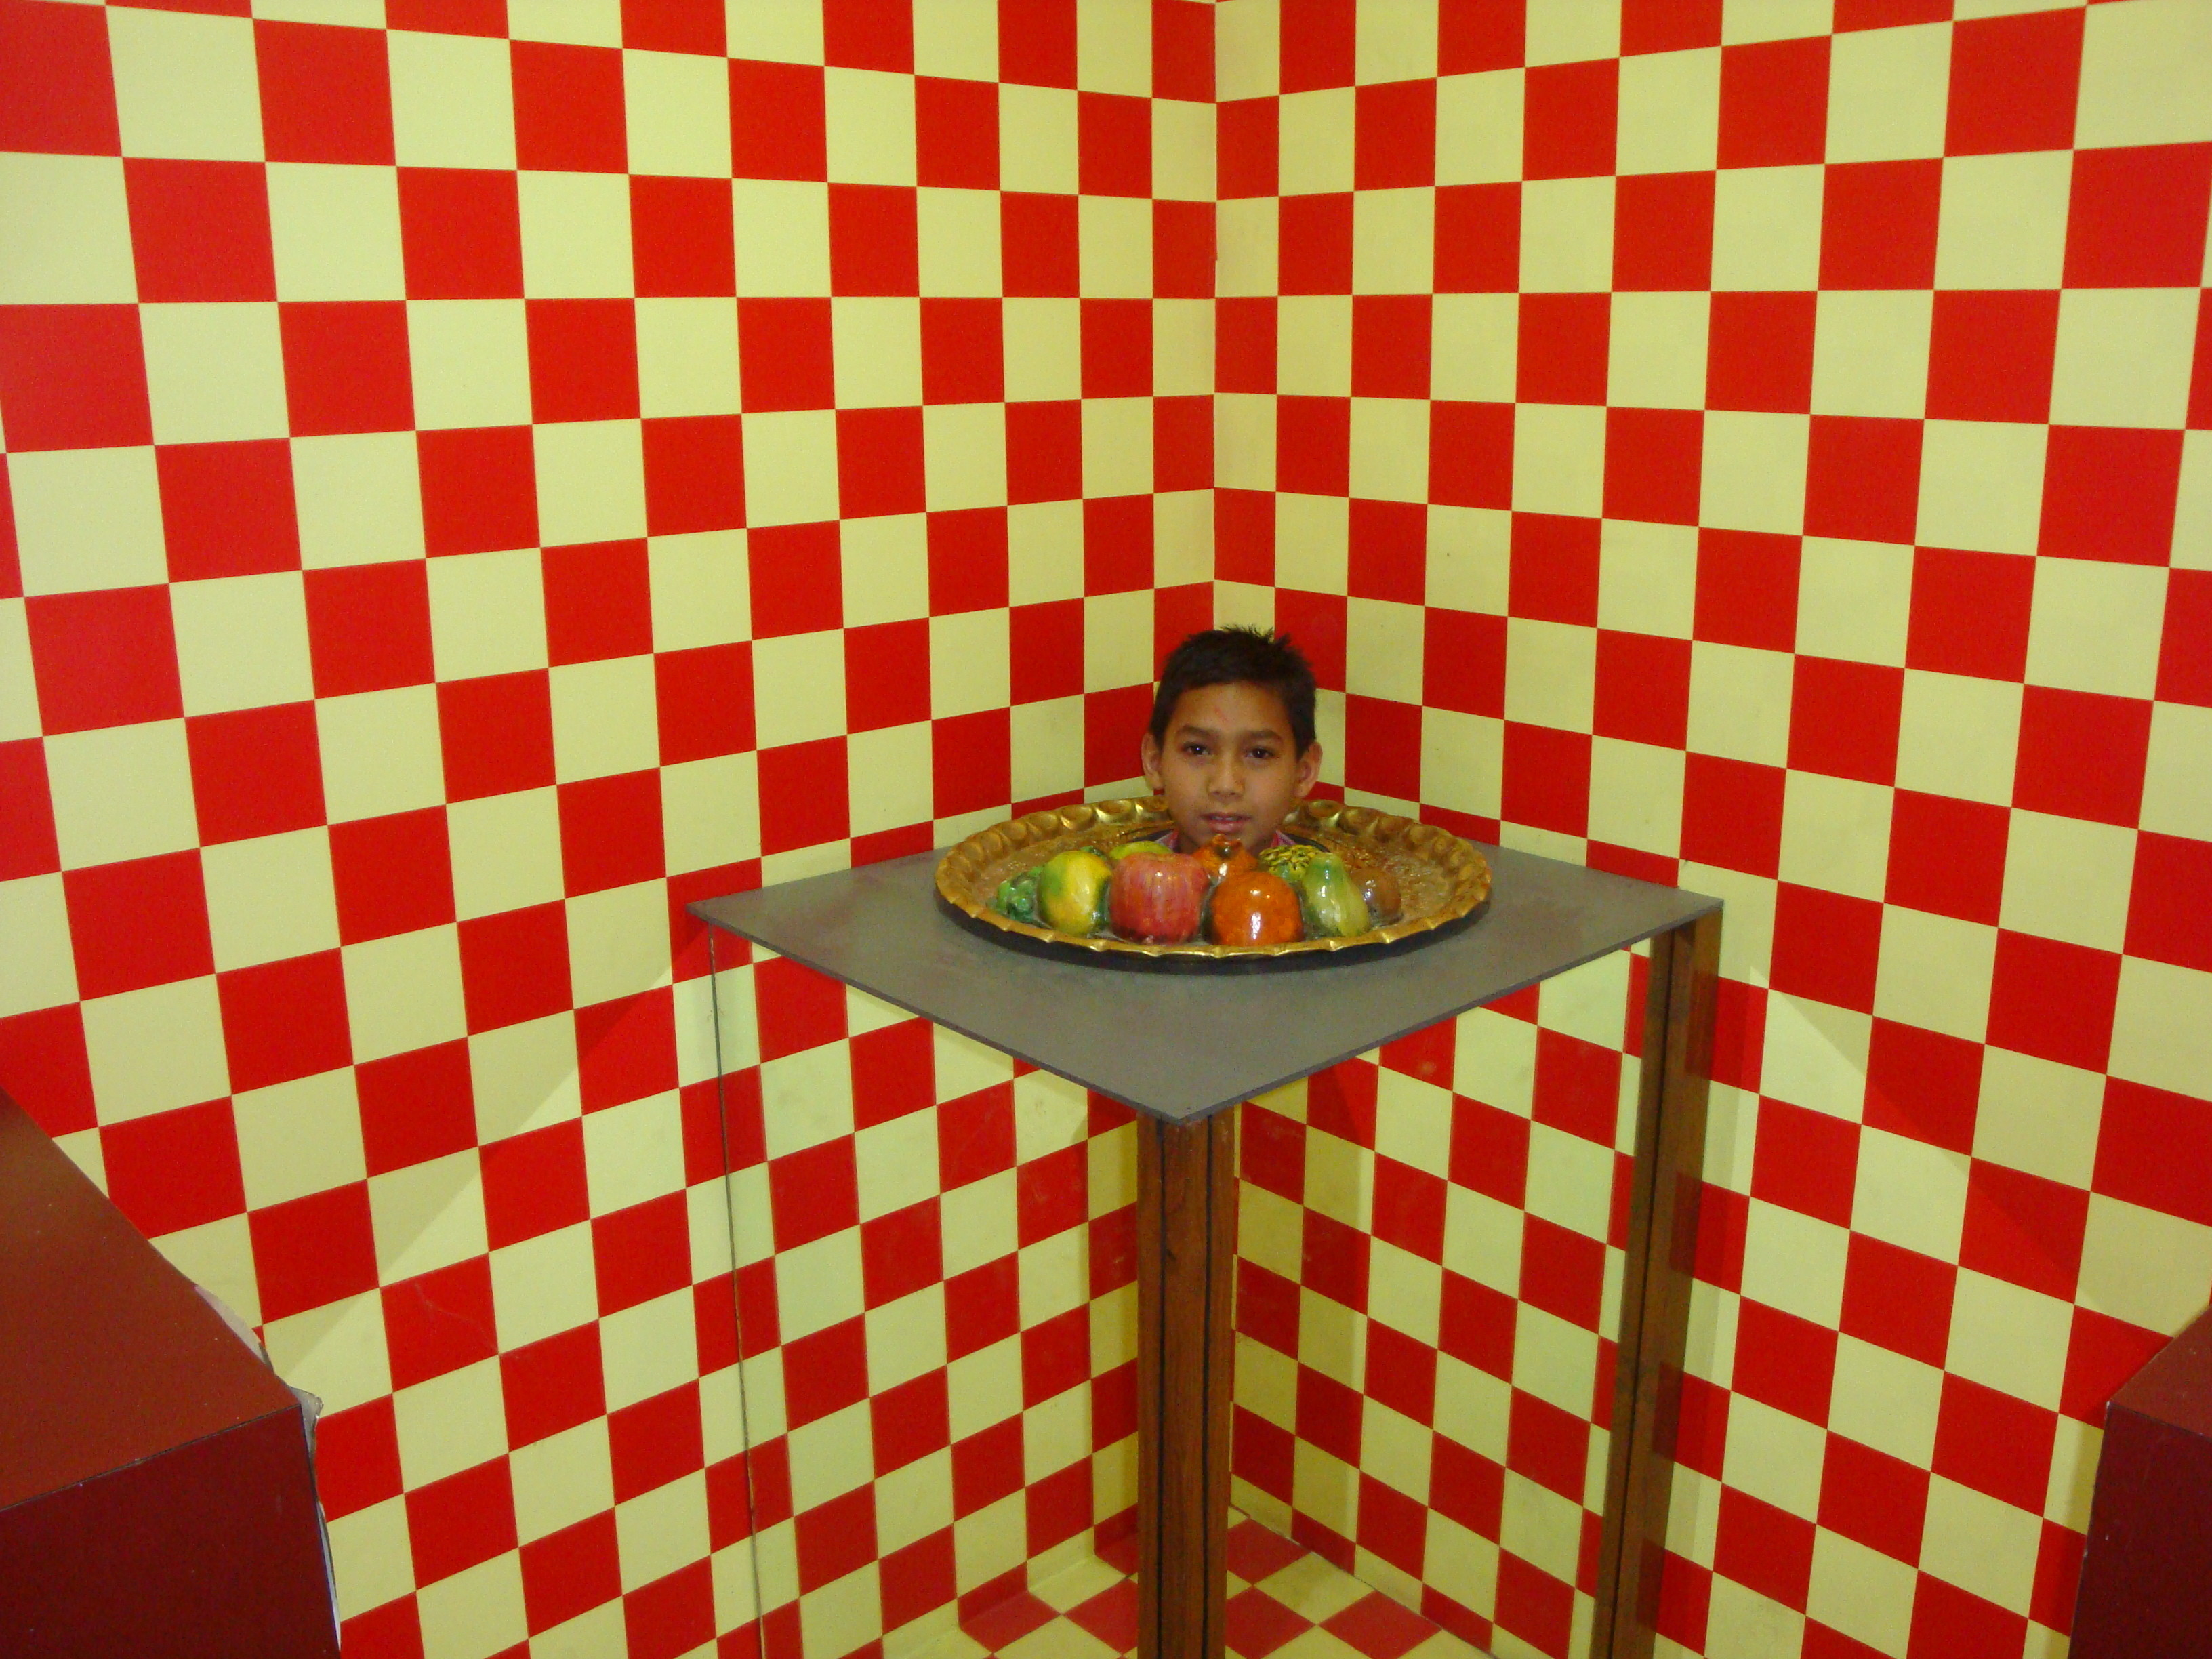 afbeelding van een illusie waarbij een hoofd van een kind op een fruitschaal lijkt te liggen. Gelukkig is dit allemaal een illusie.